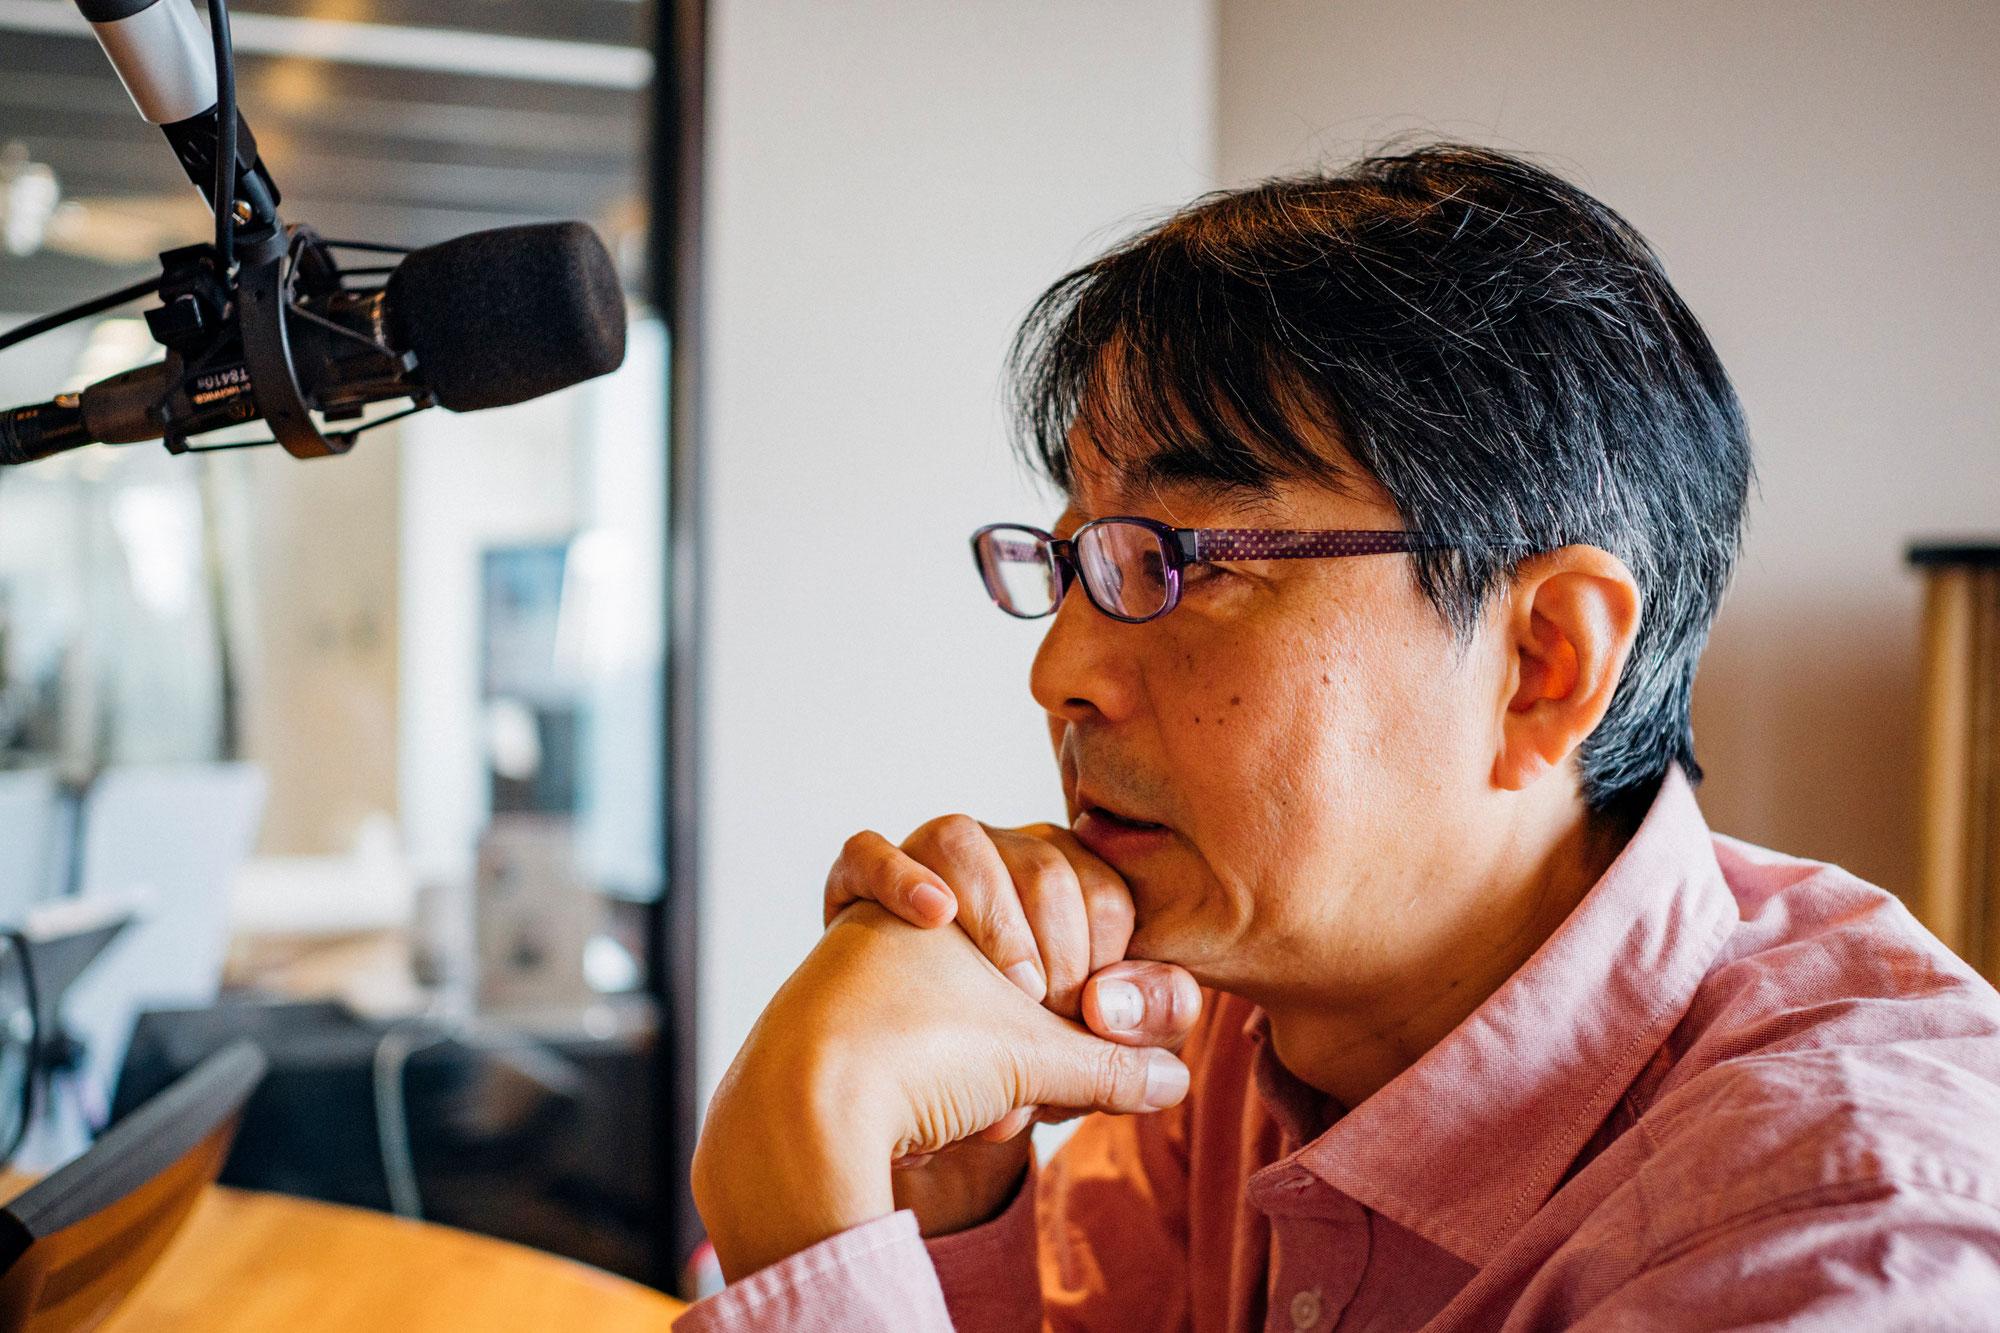 上岡理事長がラジオのレギュラーに! FMを通してSDGs情報を発信